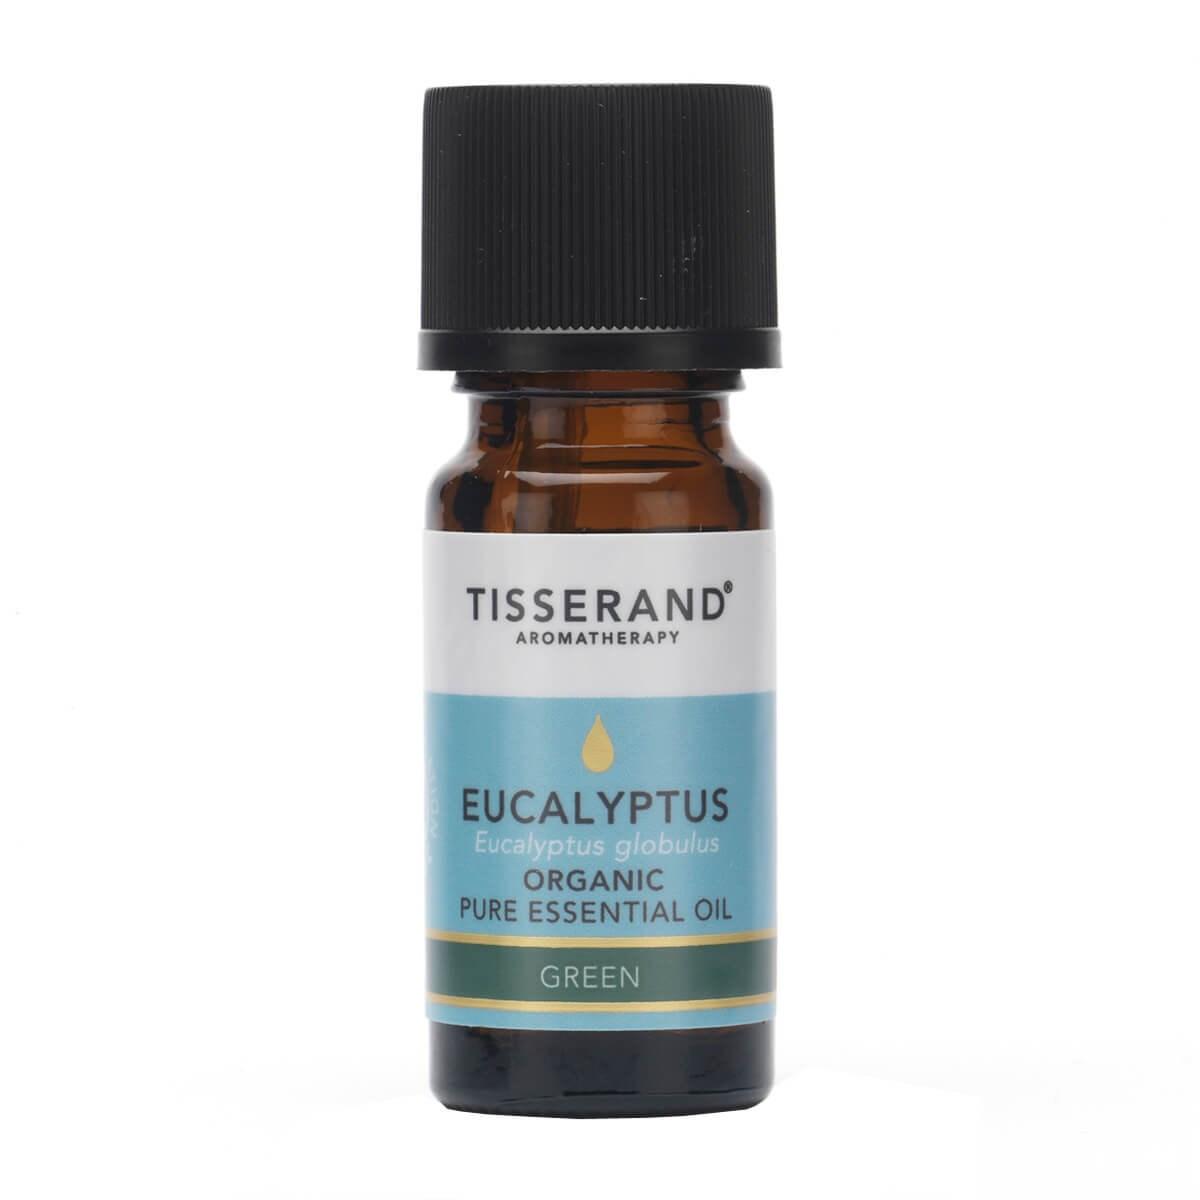 Tisserand Eucalyptus Organic Essential Oil